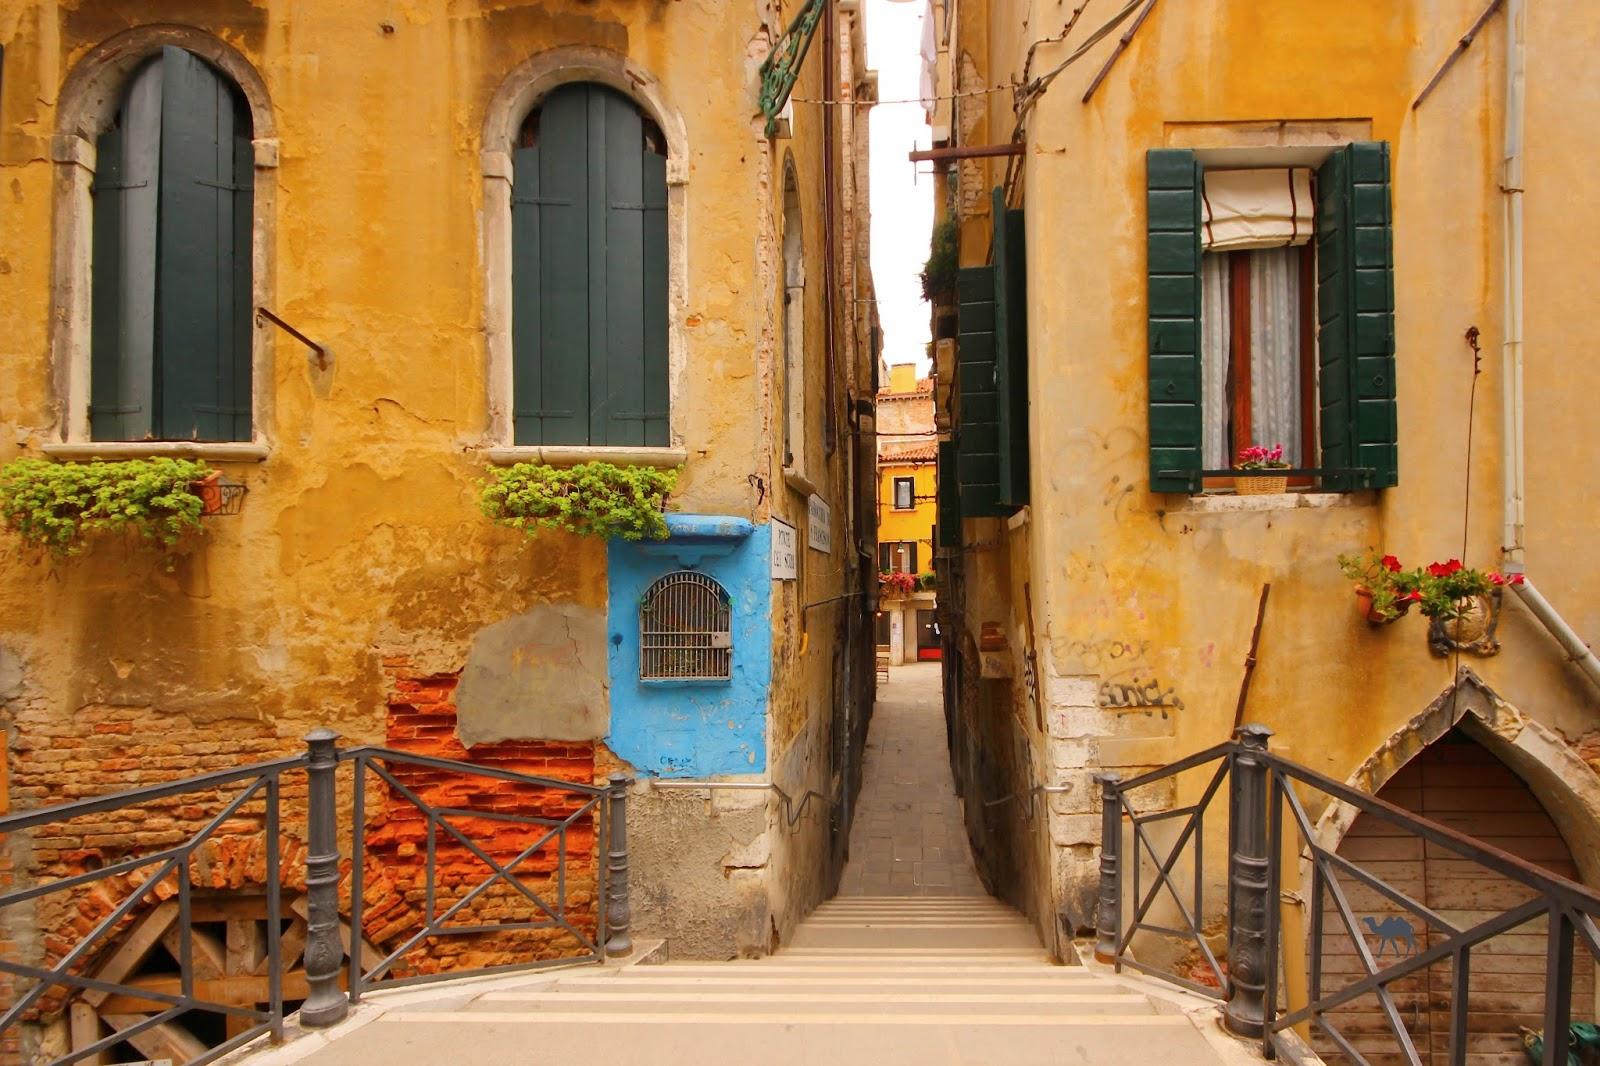 Le Chameau Bleu - Flaneries à Venise - Pont - Week end en Italie